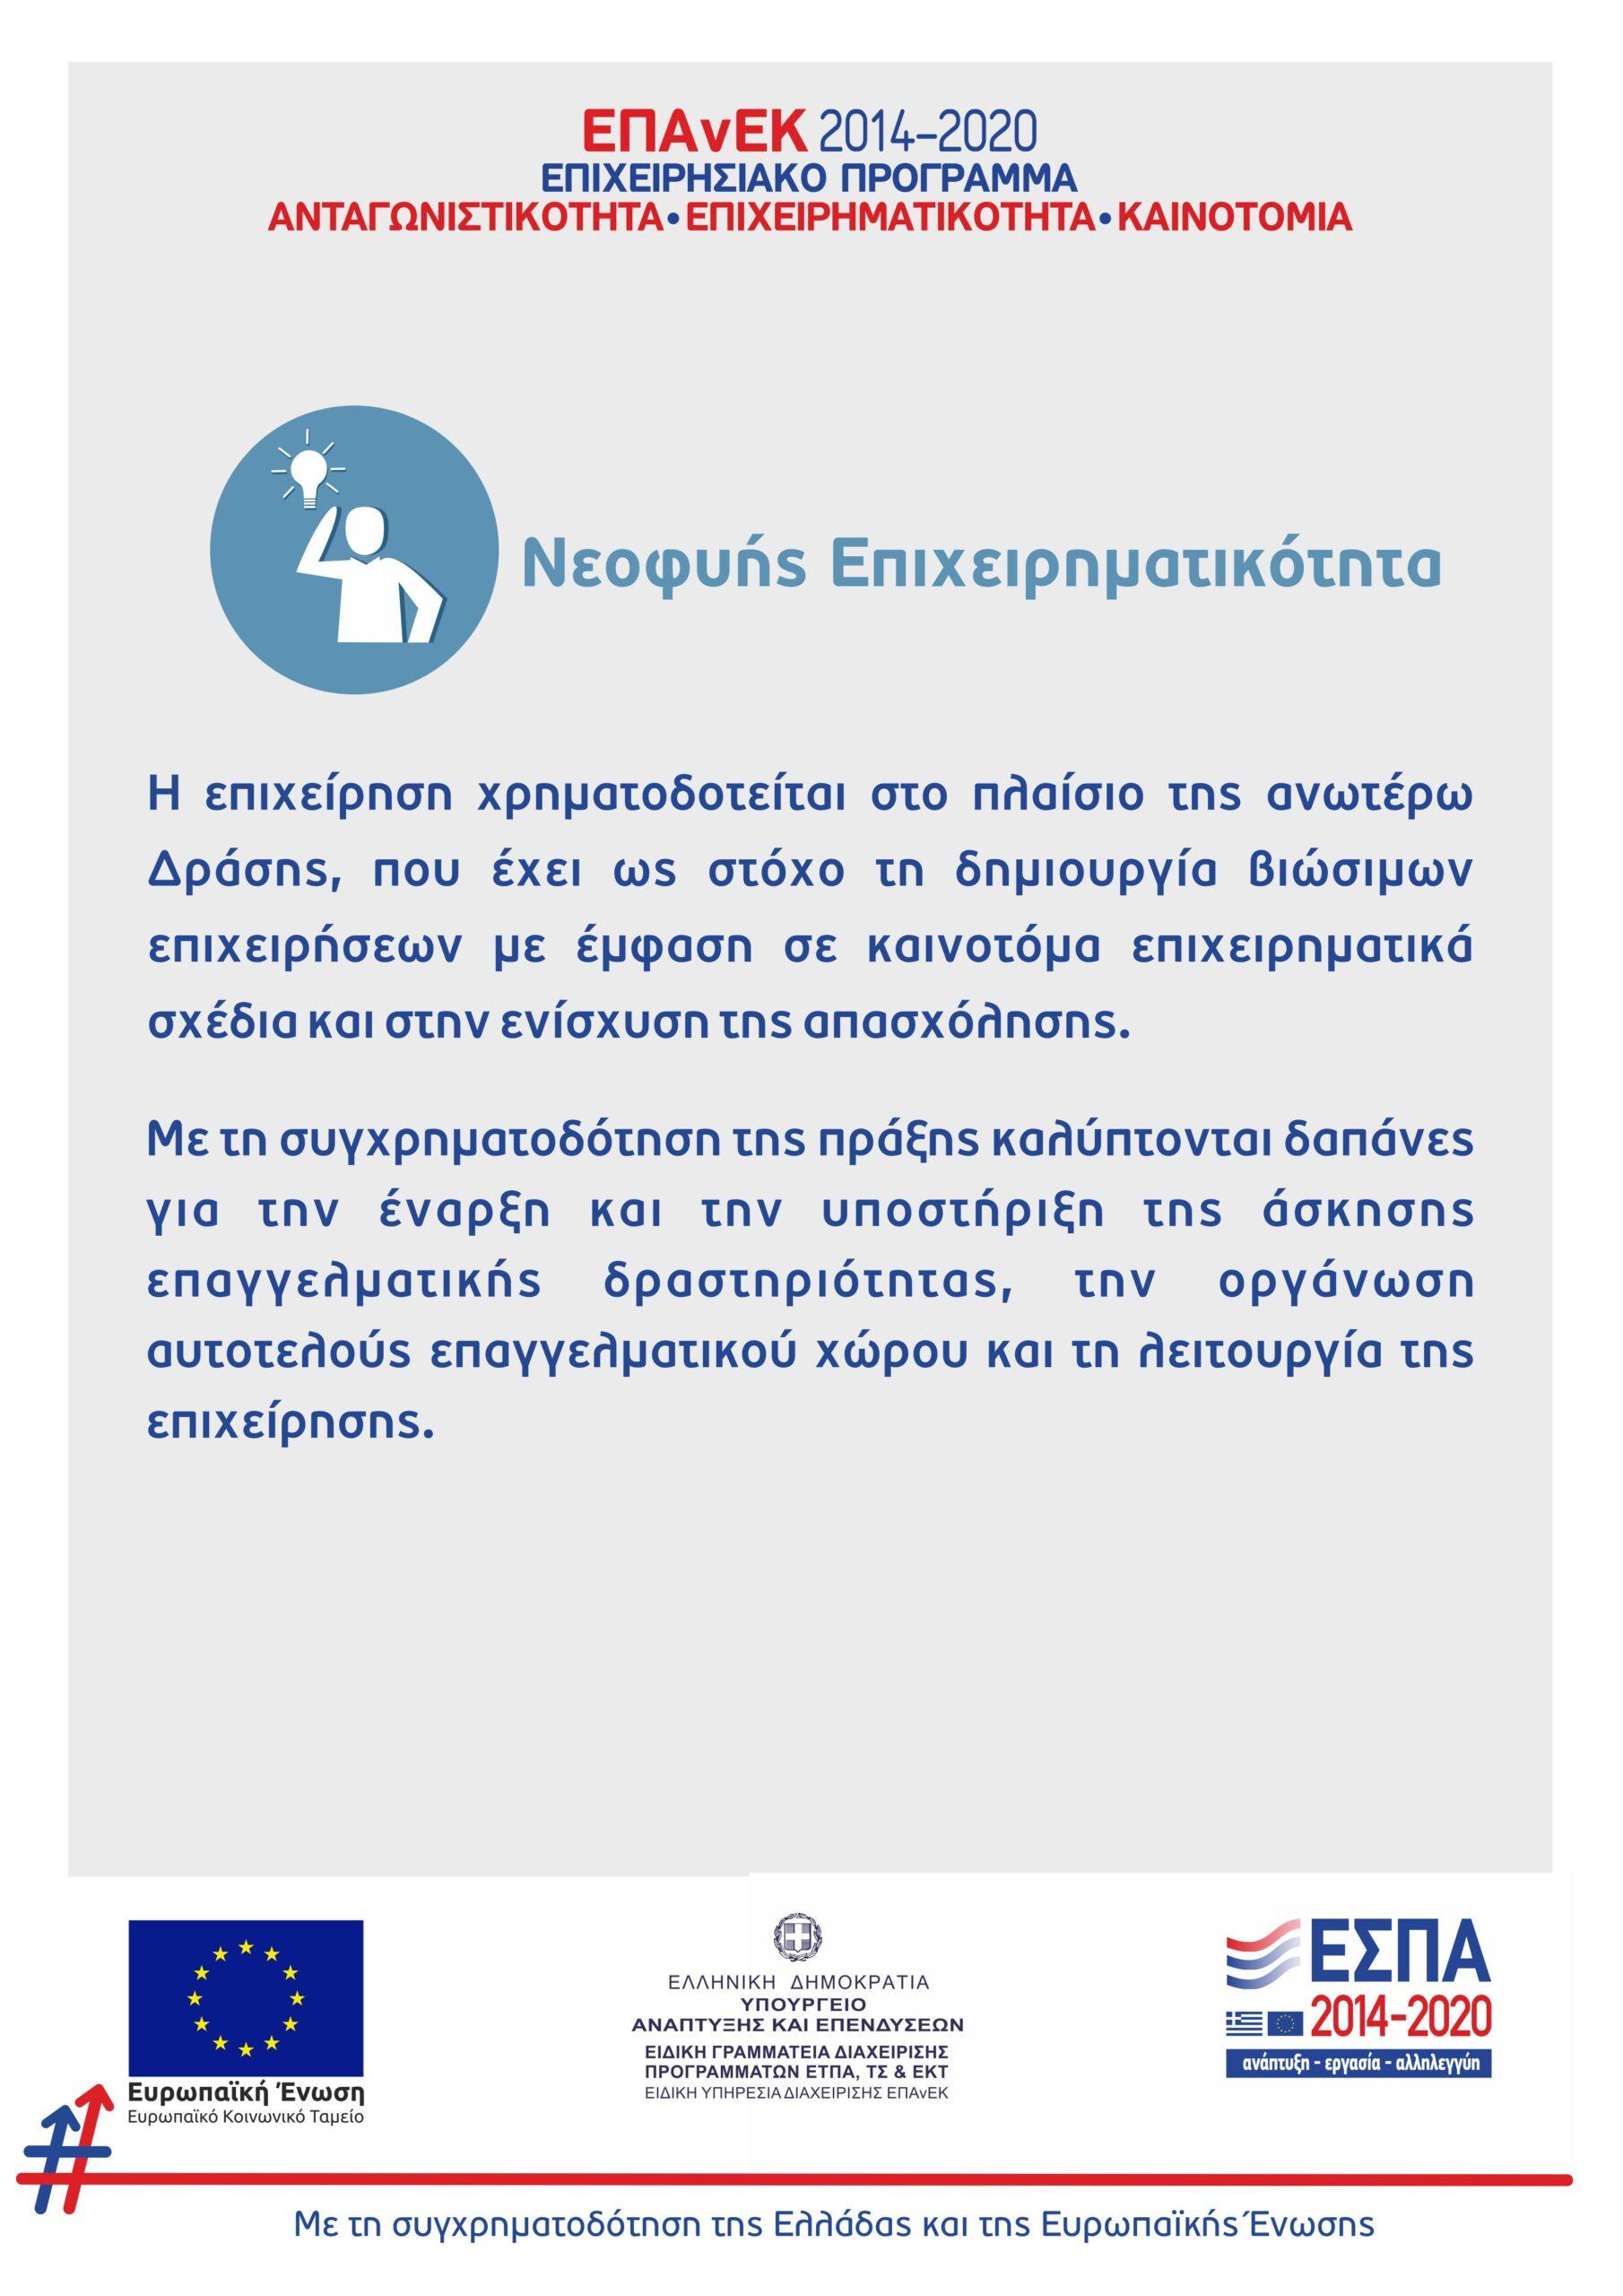 ΕΠΑνΕΚ 2014-2020 ΕΠΙΧΕΙΡΗΣΙΑΚΟ ΠΡΟΓΡΑΜΜΑ